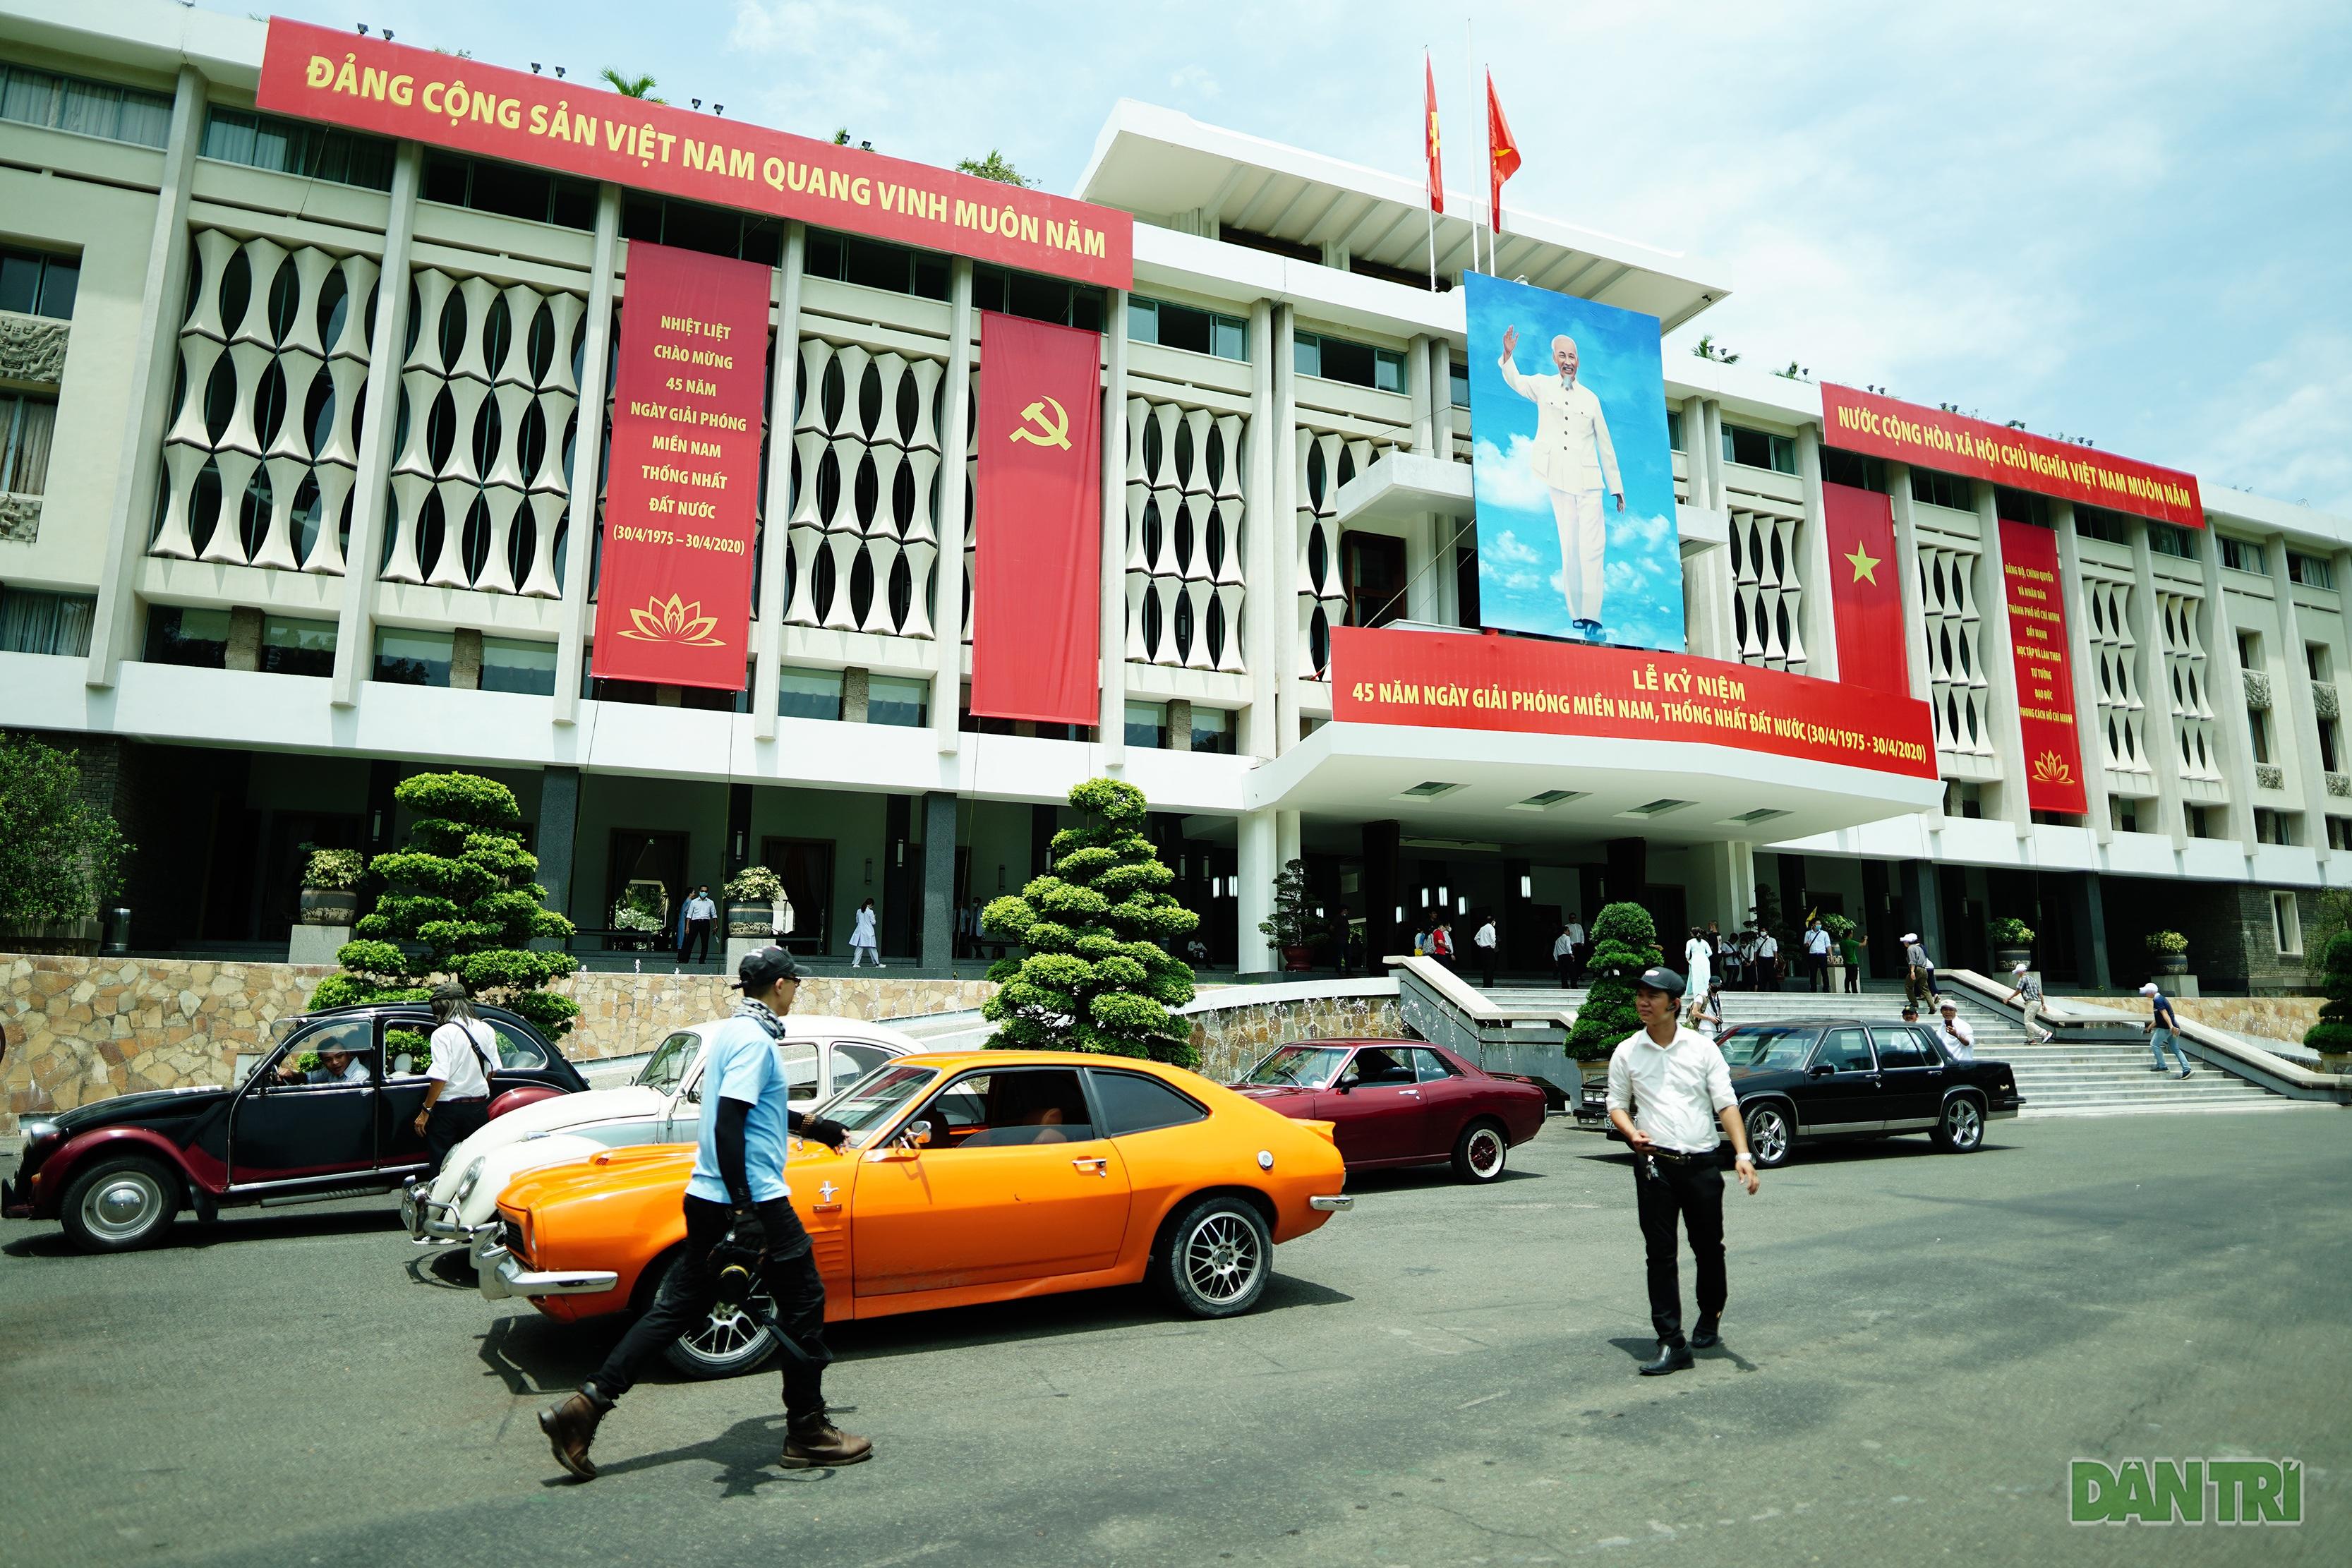 TPHCMkhởiđộng du lịch bằng tourTheo dấu chân Biệt động Sài Gòn - 13